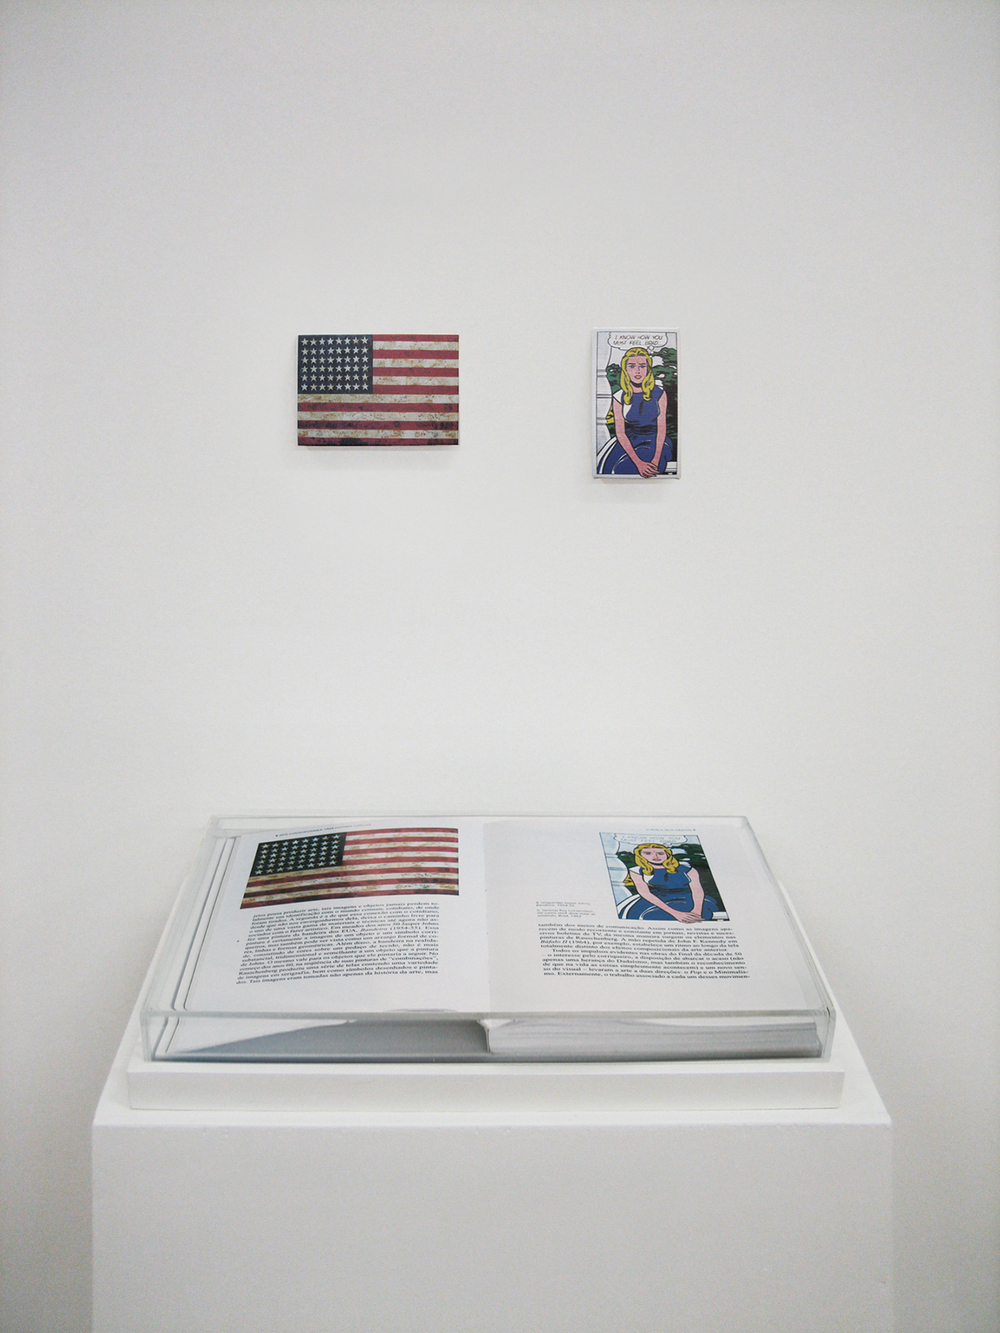 Páginas 4 e 5 (série Foi Assim Que Me Ensinaram) •2005 • Livro emoldurado, óleo sobre tela •21,5 x 31 cm (livro), 12,5 x 8,5 cm, 6,4 x 11,5 cm